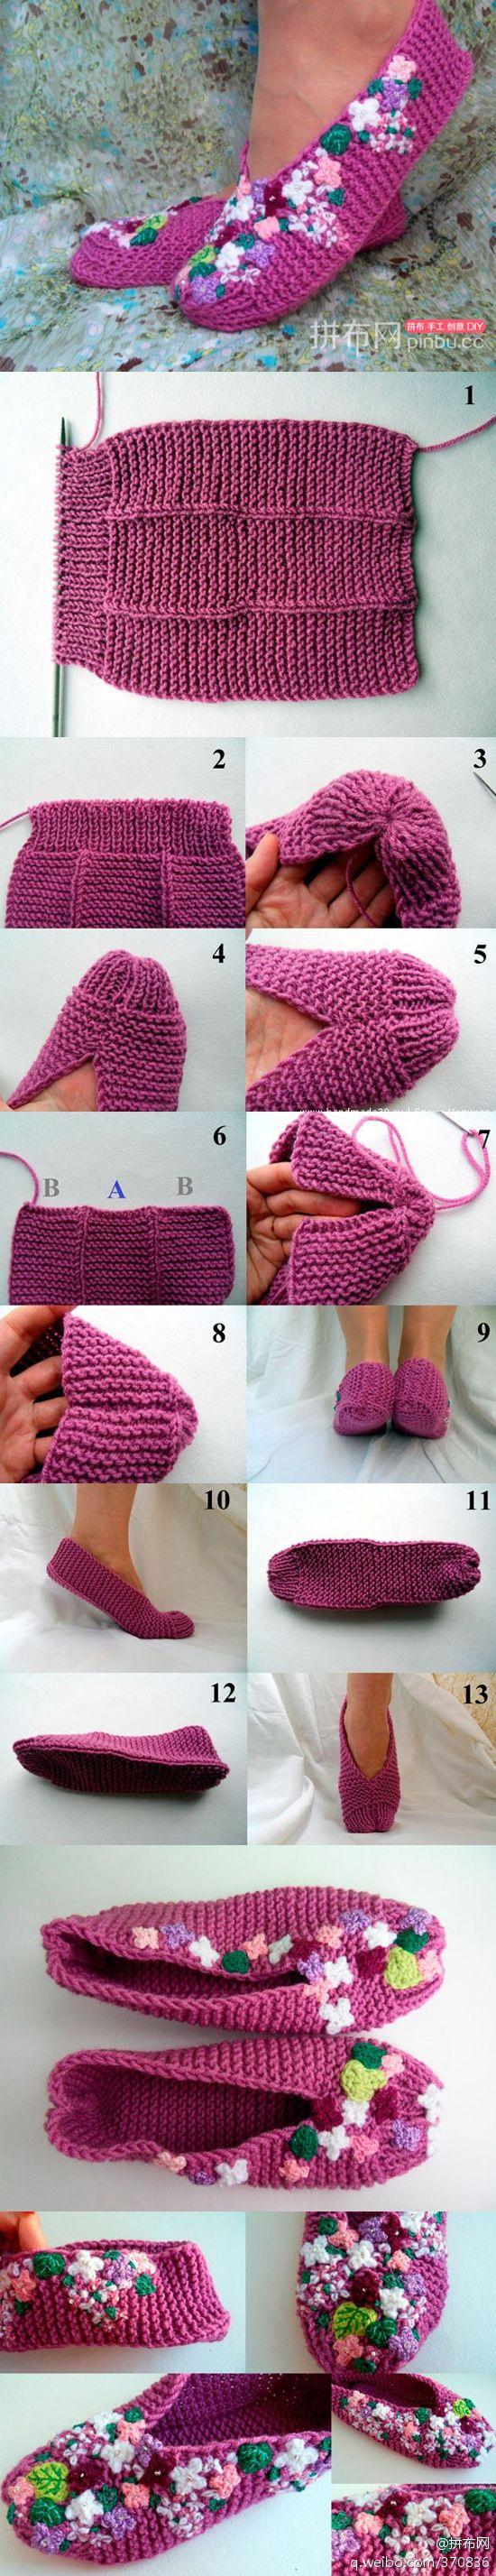 俄罗斯手工达人教你丁香花毛线鞋的编织方法... 来自拼布网 - 微博